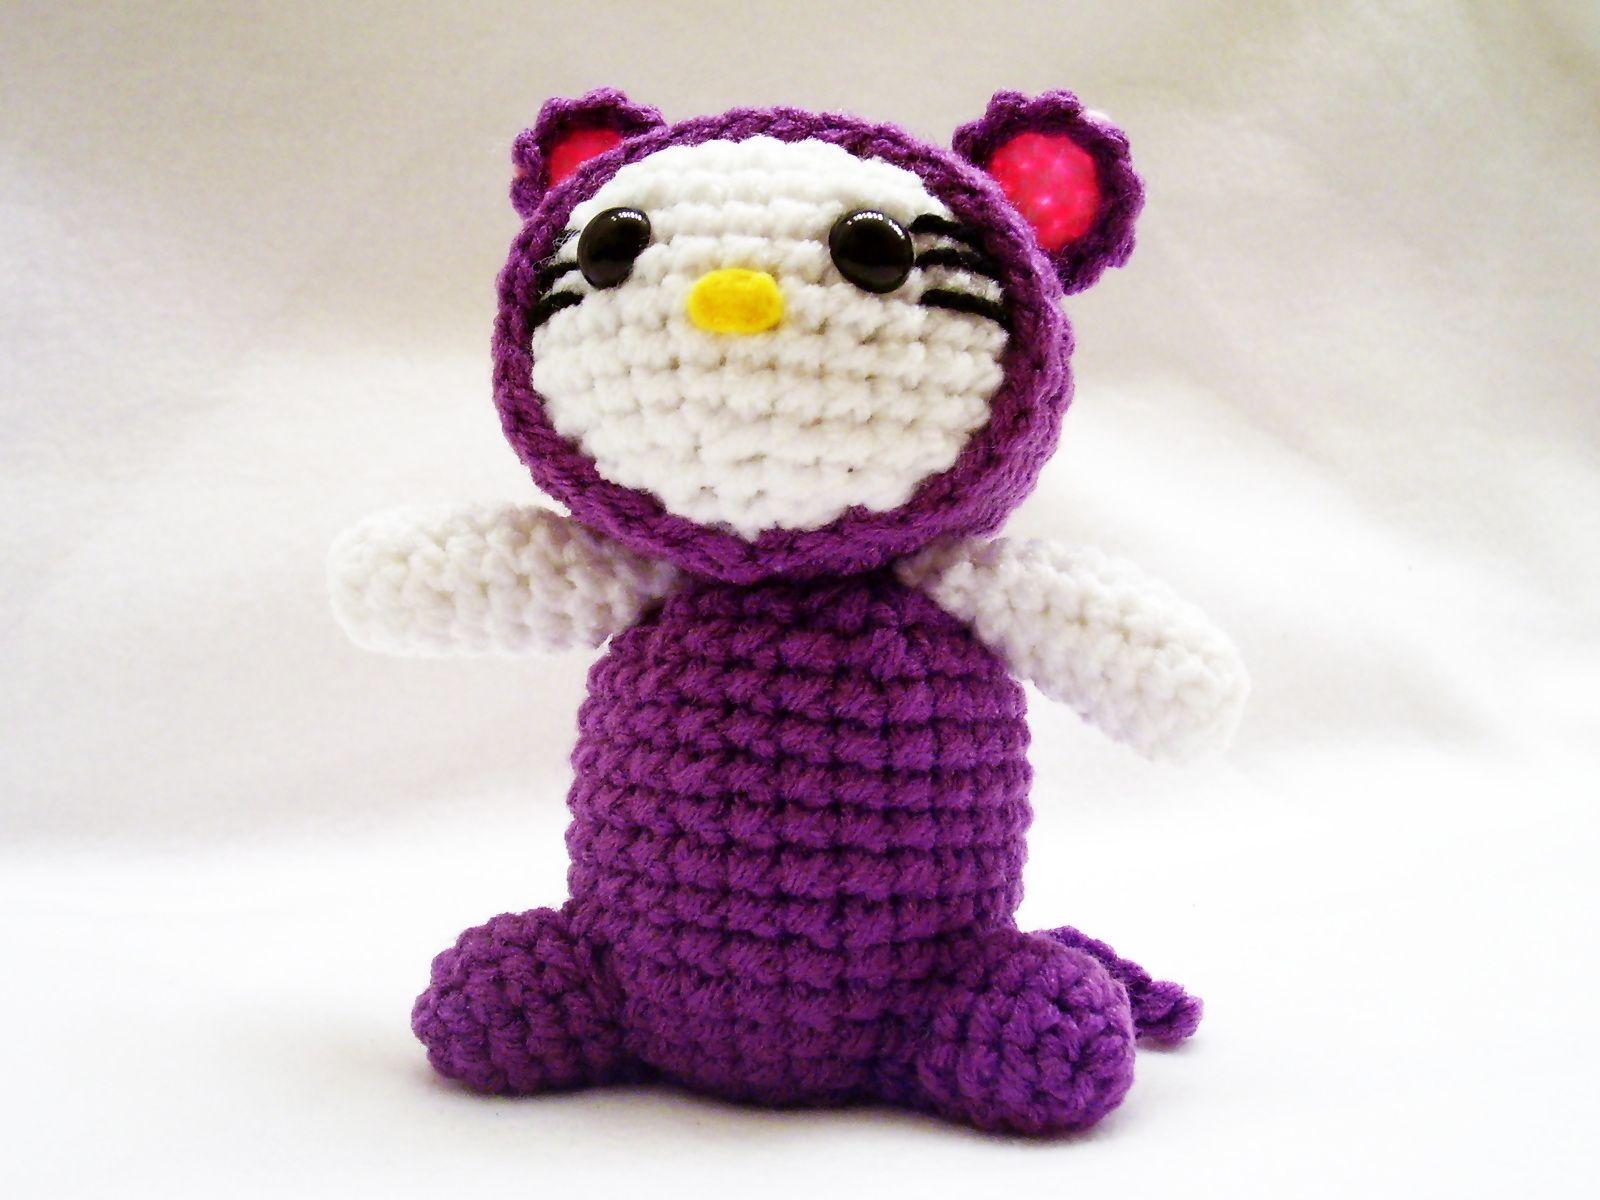 Free Amigurumi Patterns Hello Kitty : Crochet hello kitty in mouse costume mouse costume hello kitty